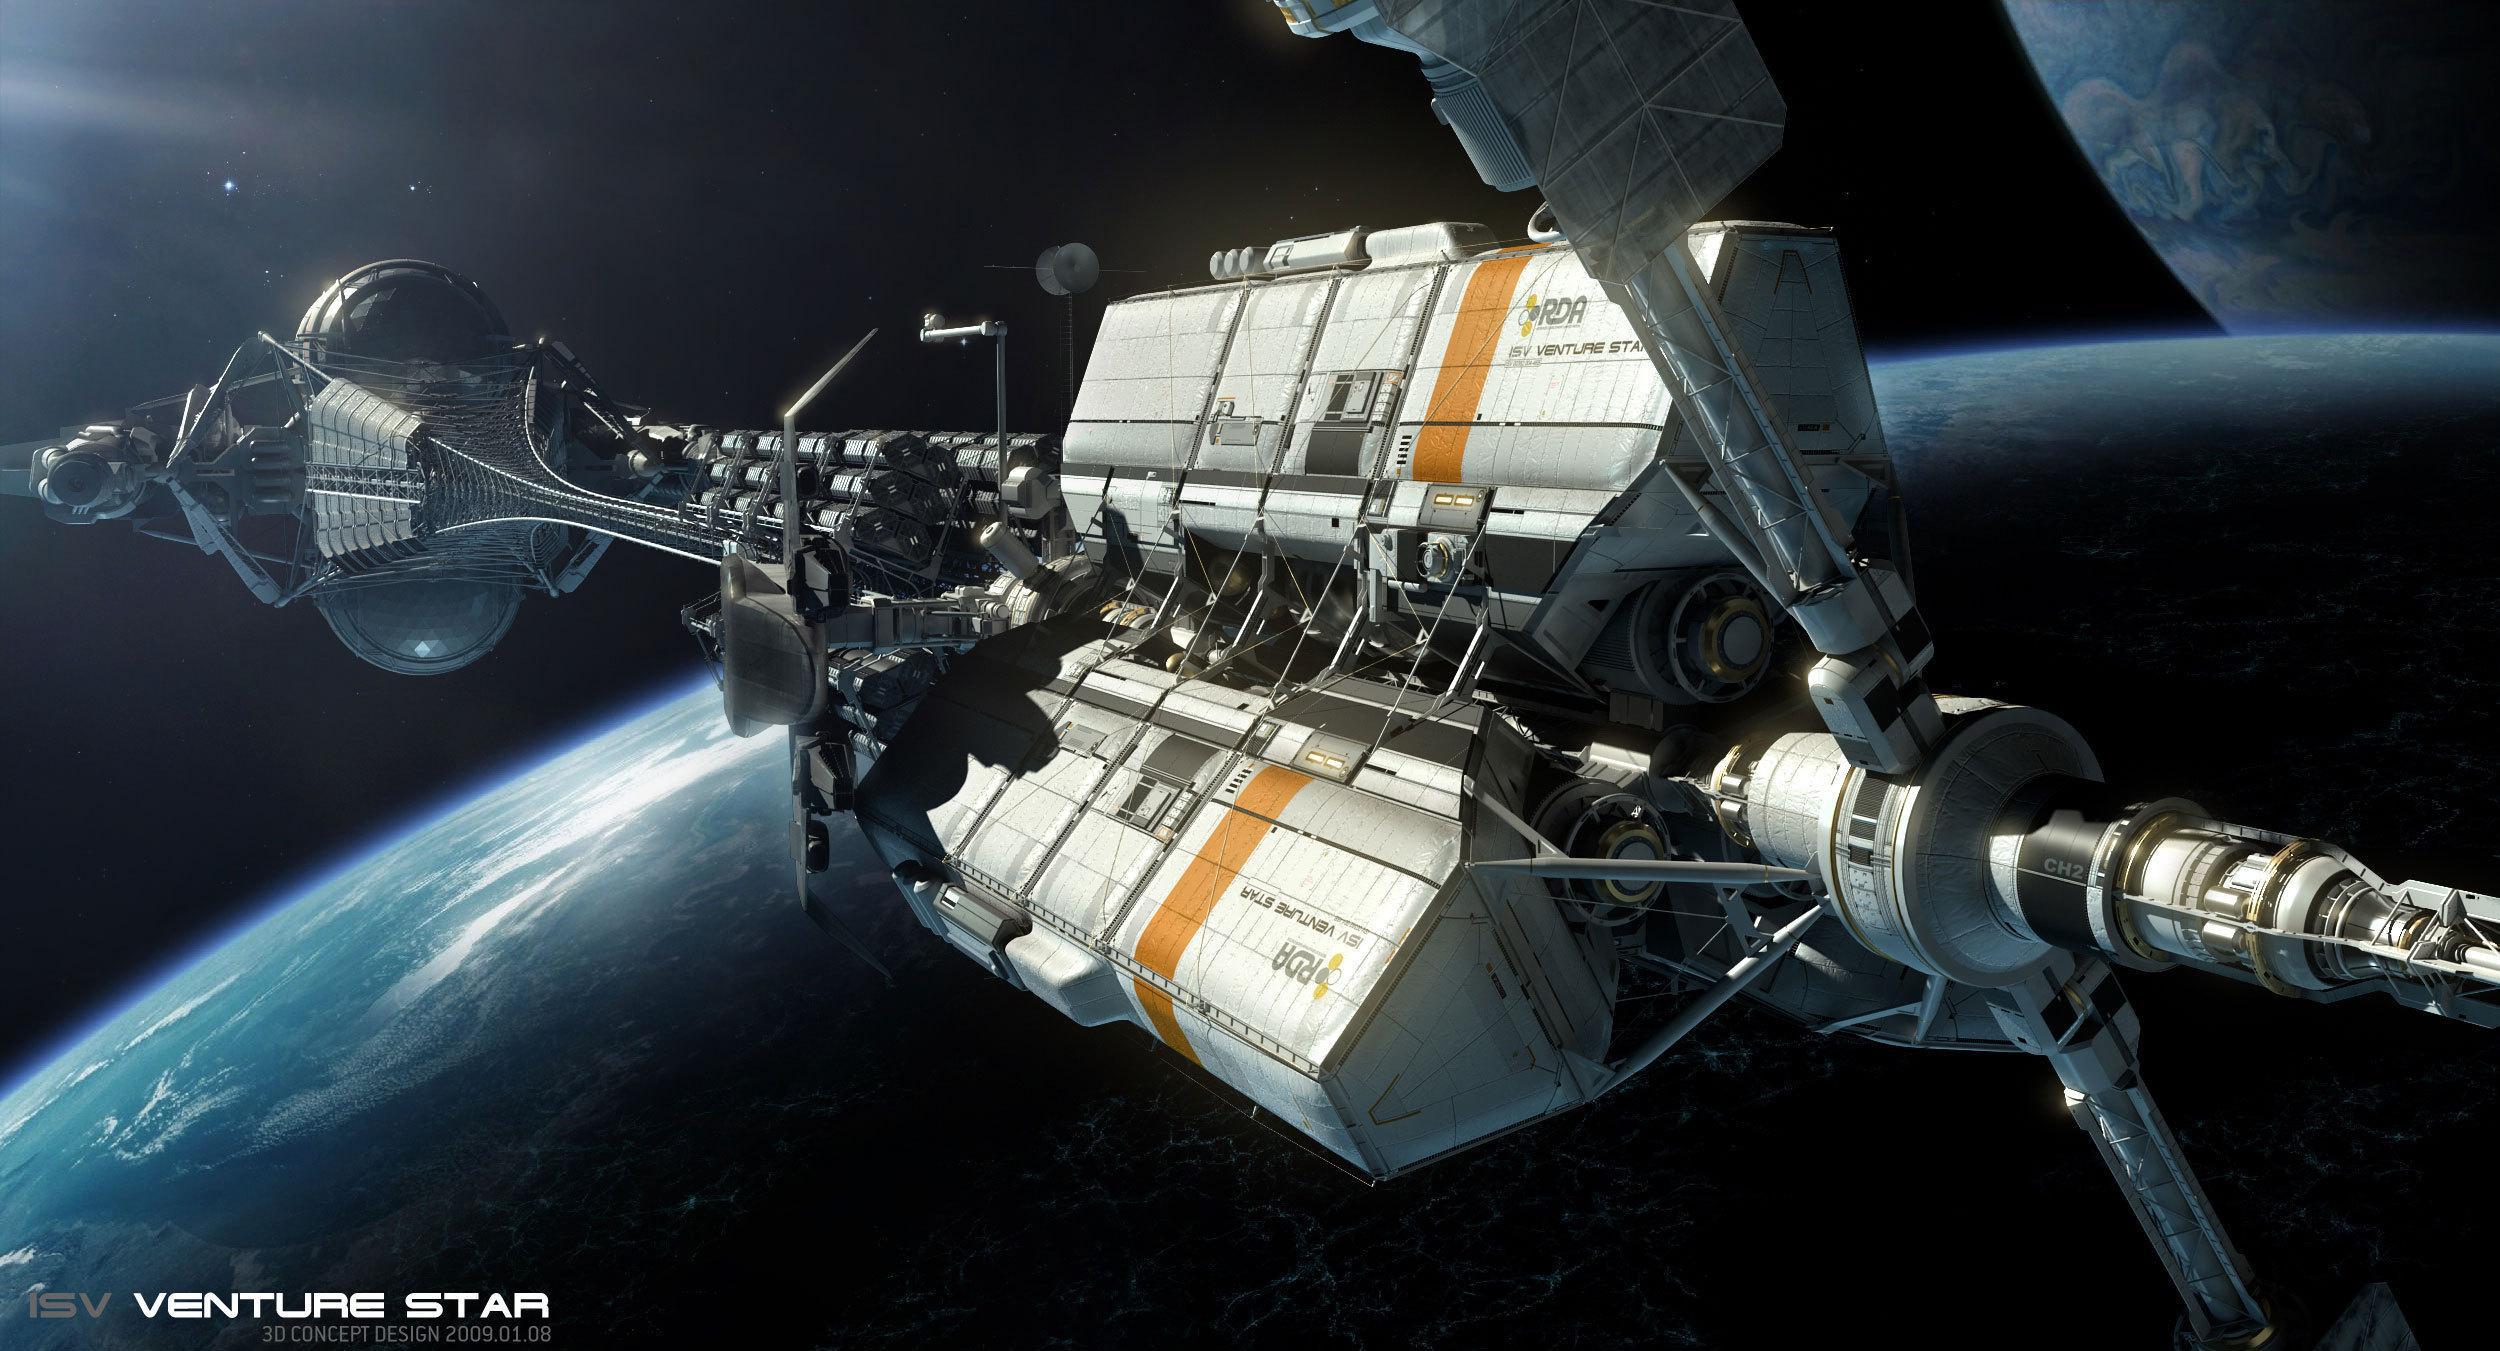 科幻作品中有哪些漂亮的太空飞船? - 知乎